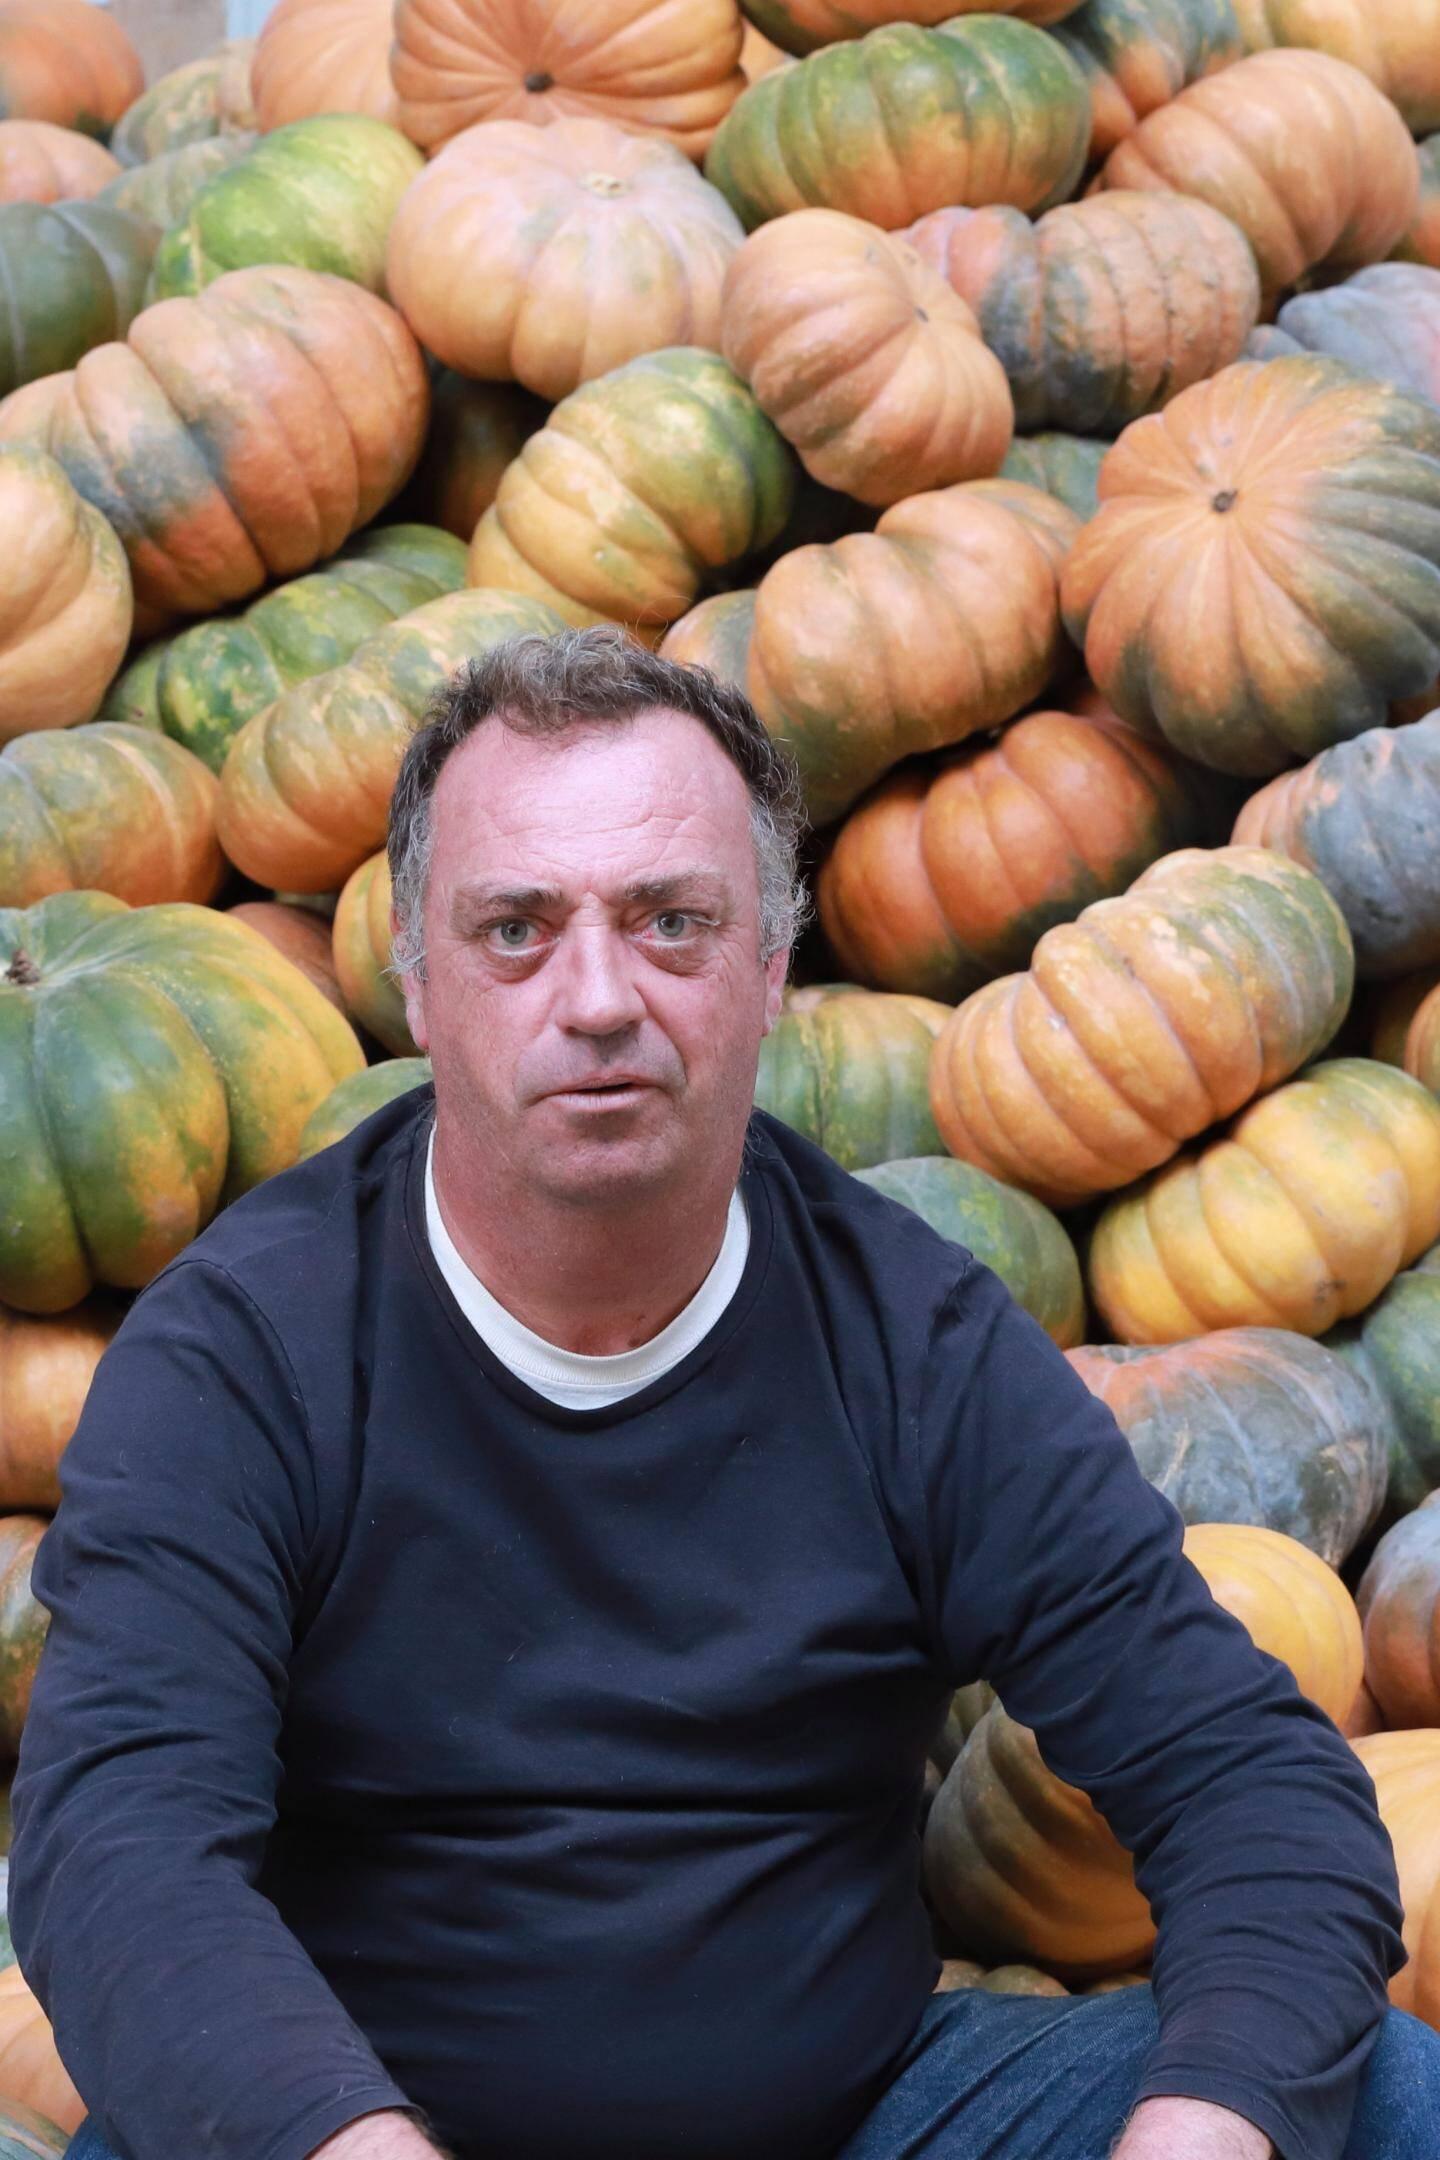 """Sur la totalité de sa production de cucurbitacées, Joël Maille compte l'année prochaine produire 50 % de courges muscades, """"pour répondre à la demande""""."""